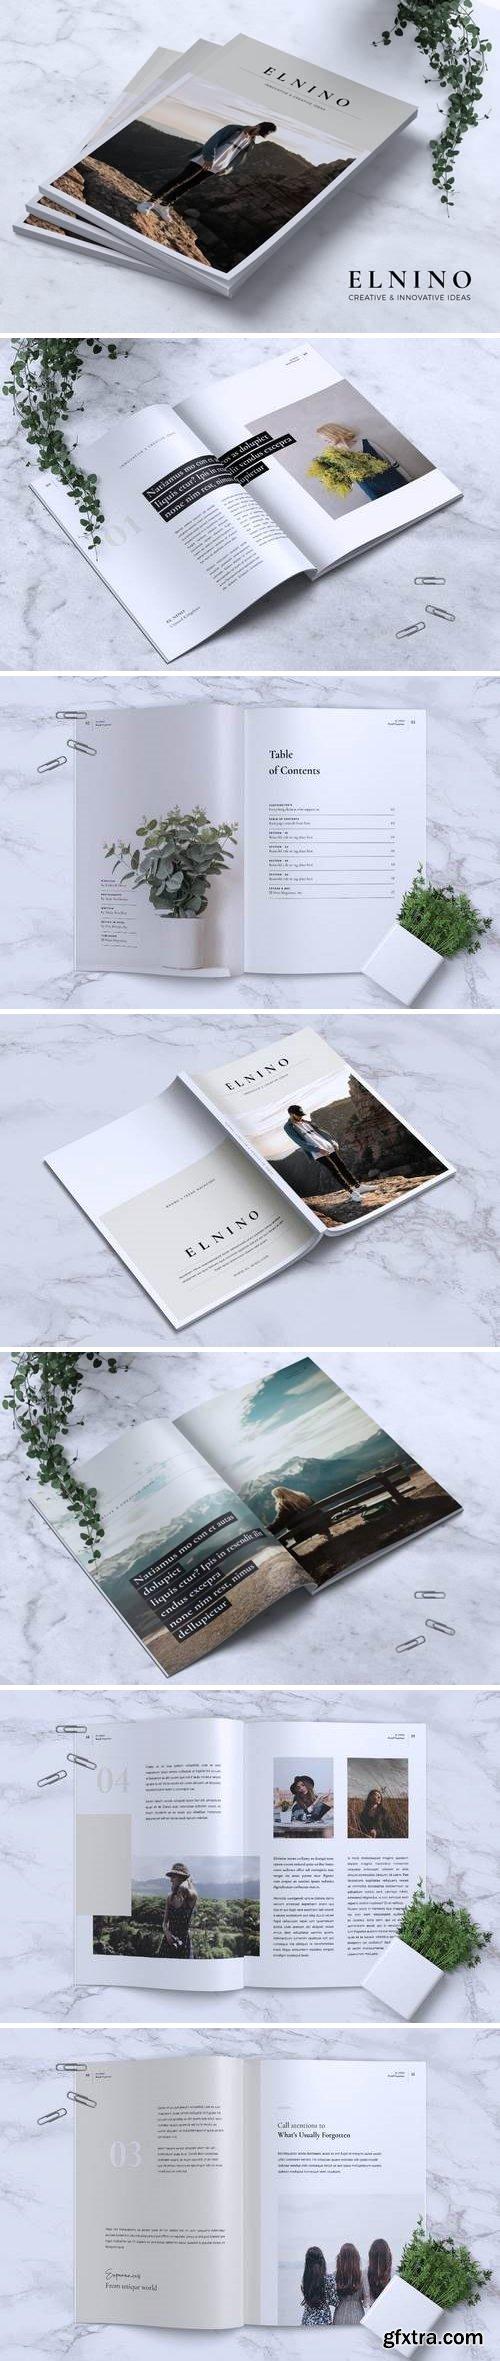 ELNINO Minimal Magazine